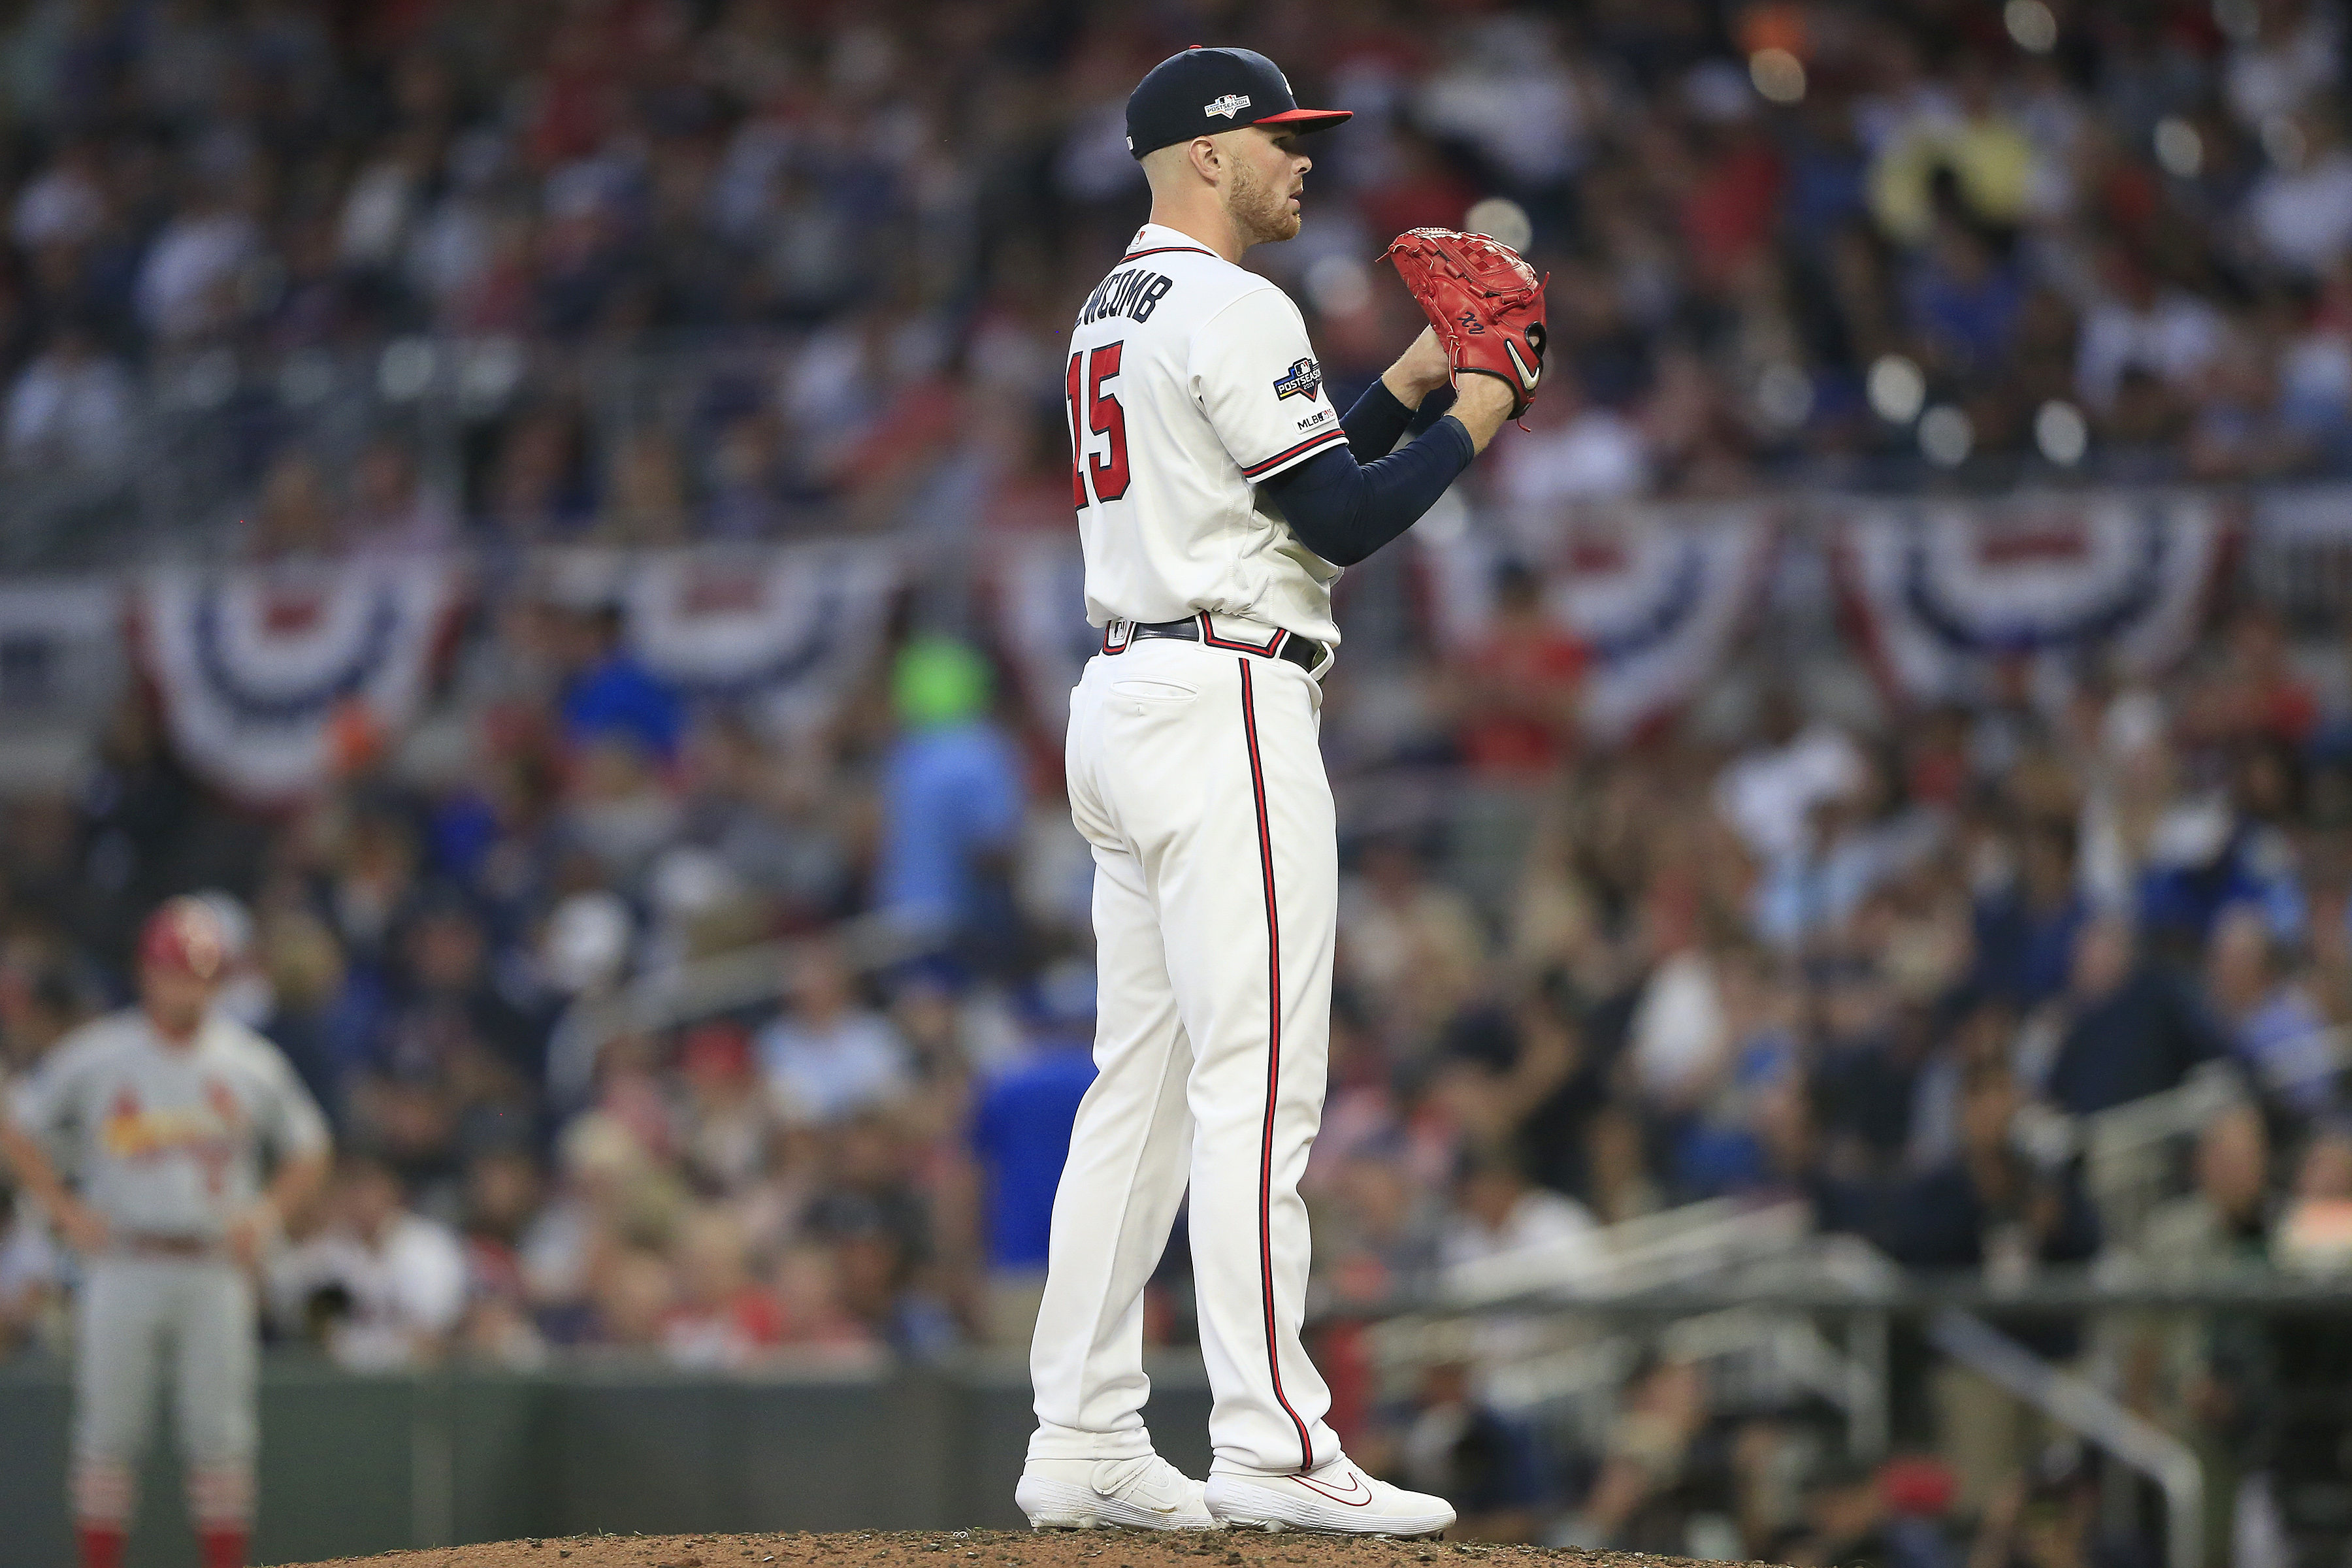 MLB: OCT 09 NLDS - Cardinals at Braves